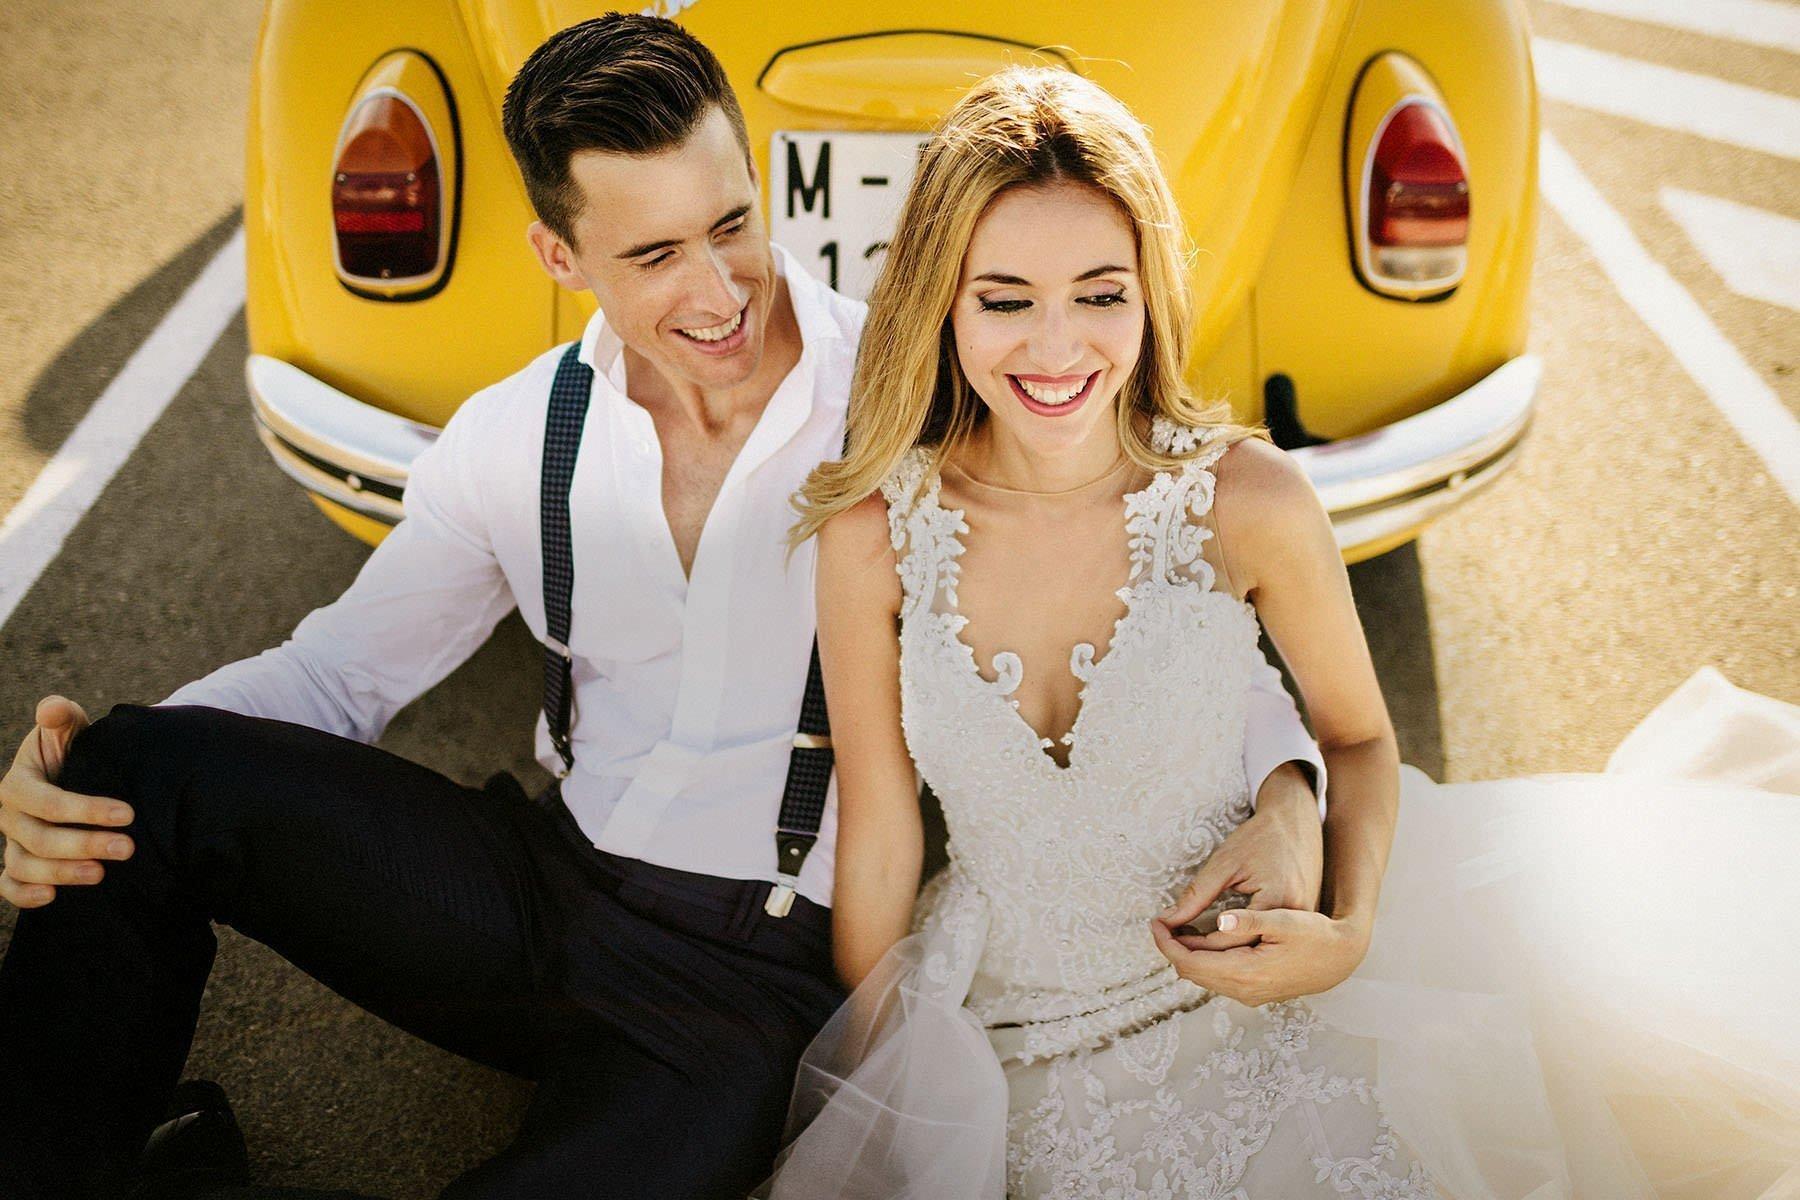 <br /><br /><br /><br />Vive tu boda y revívela para siempre